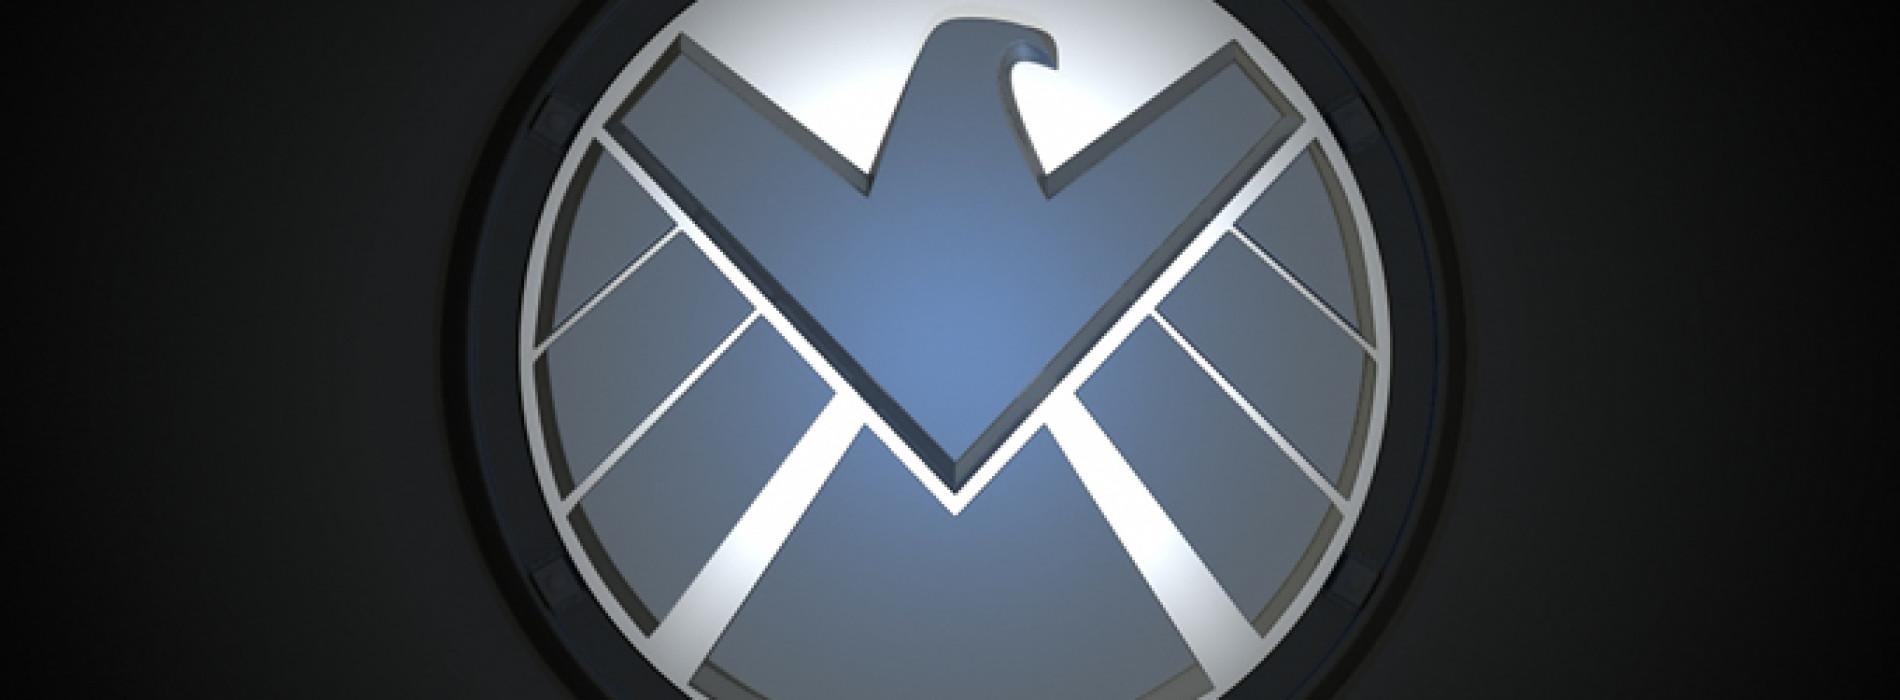 Nuevo fichaje en Agents of S.H.I.E.L.D.